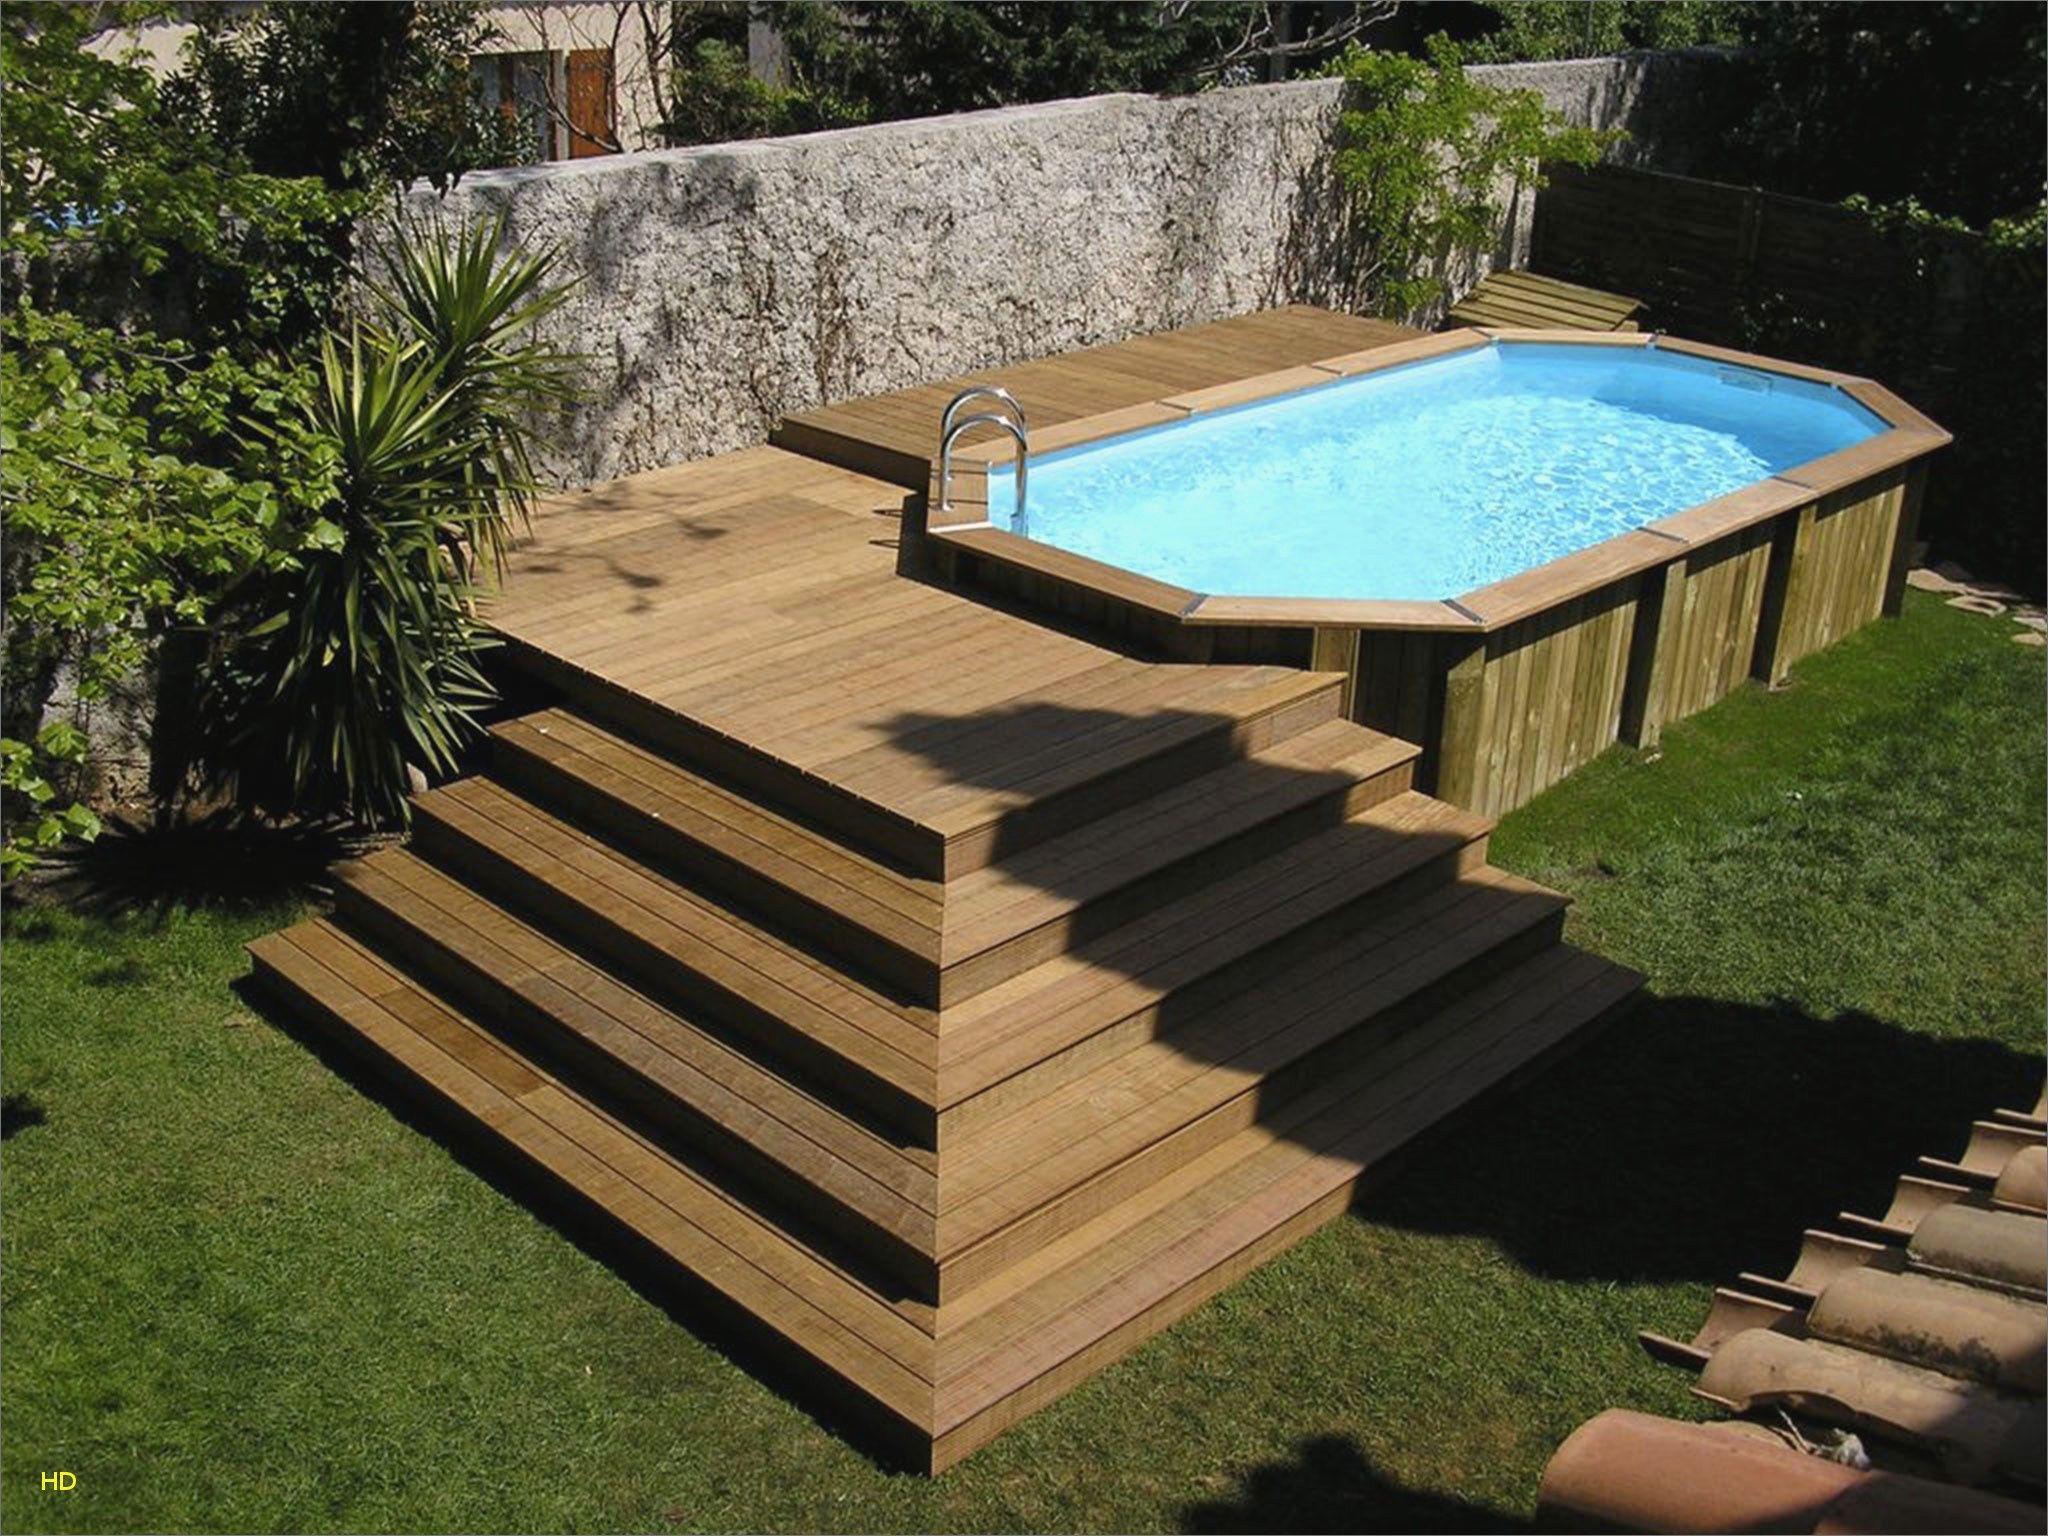 escalier bois jardin avec sol jardin impressionnant kit piscine bois hors sol elegant piscine de escalier bois jardin